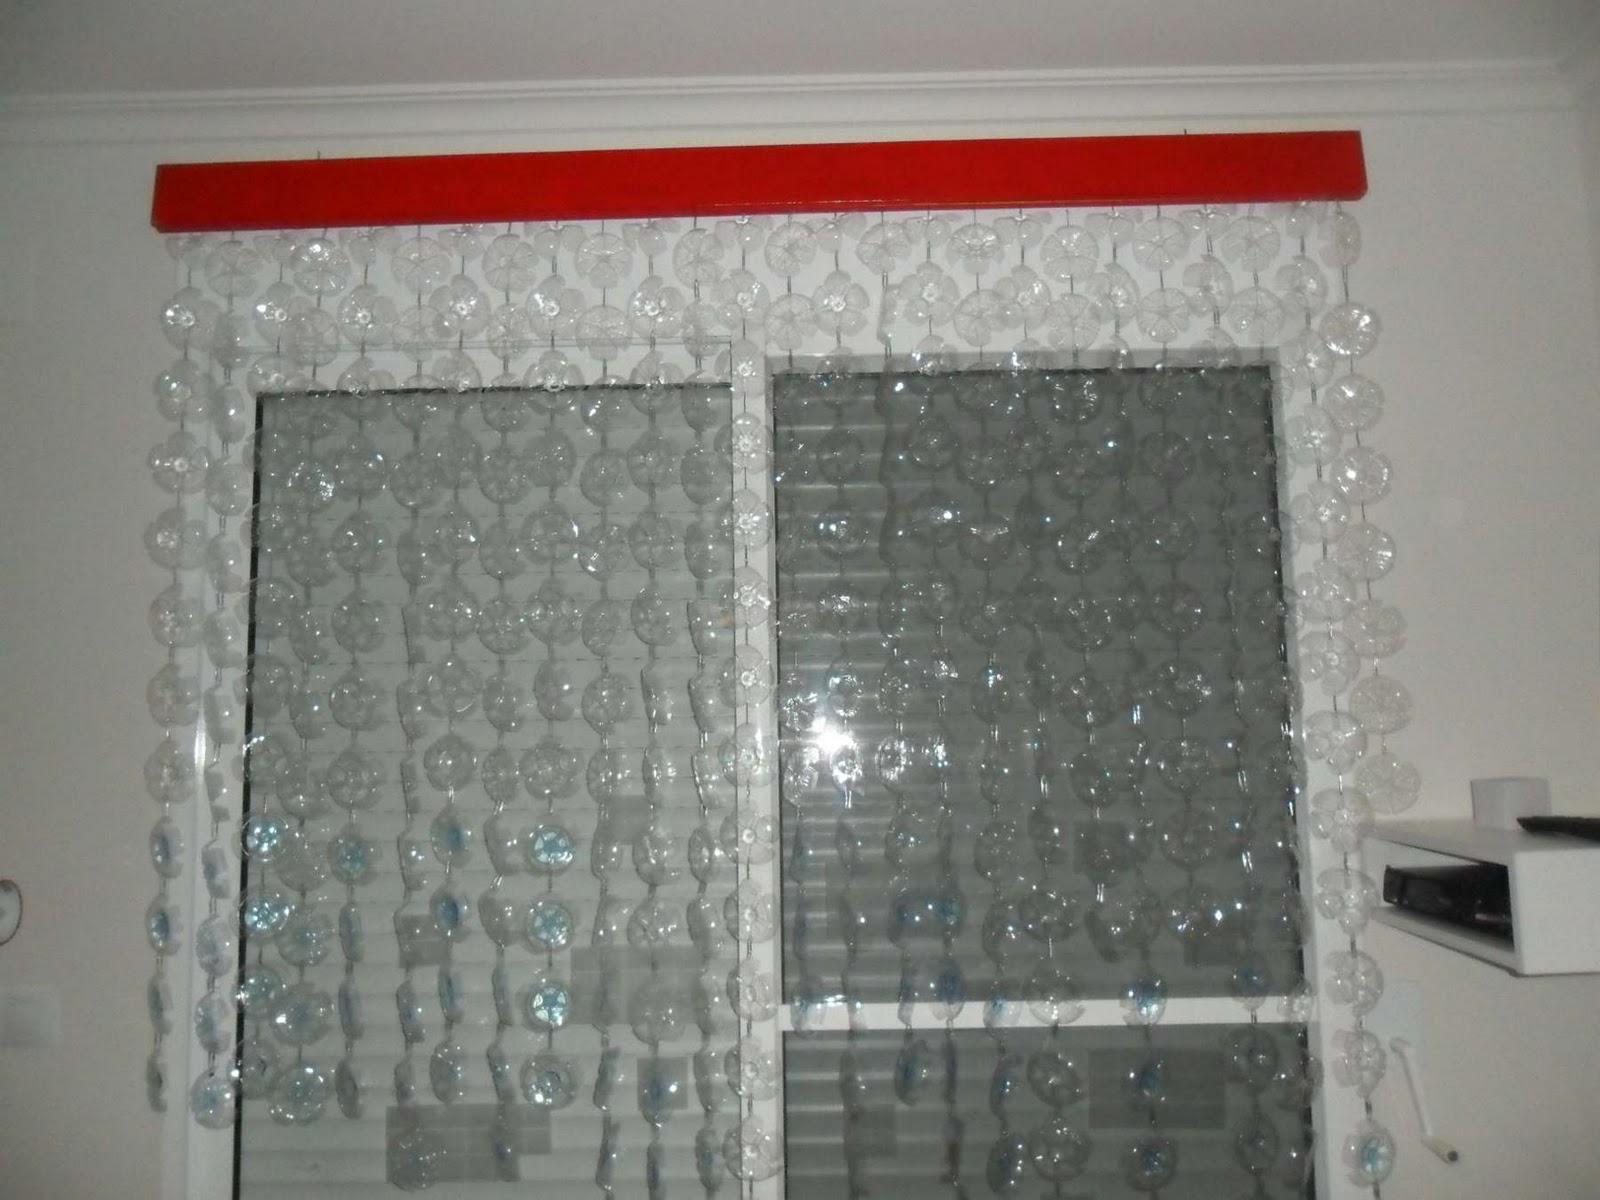 El ba l del reciclaje cortina de pl stico for Ganchos plasticos para cortinas